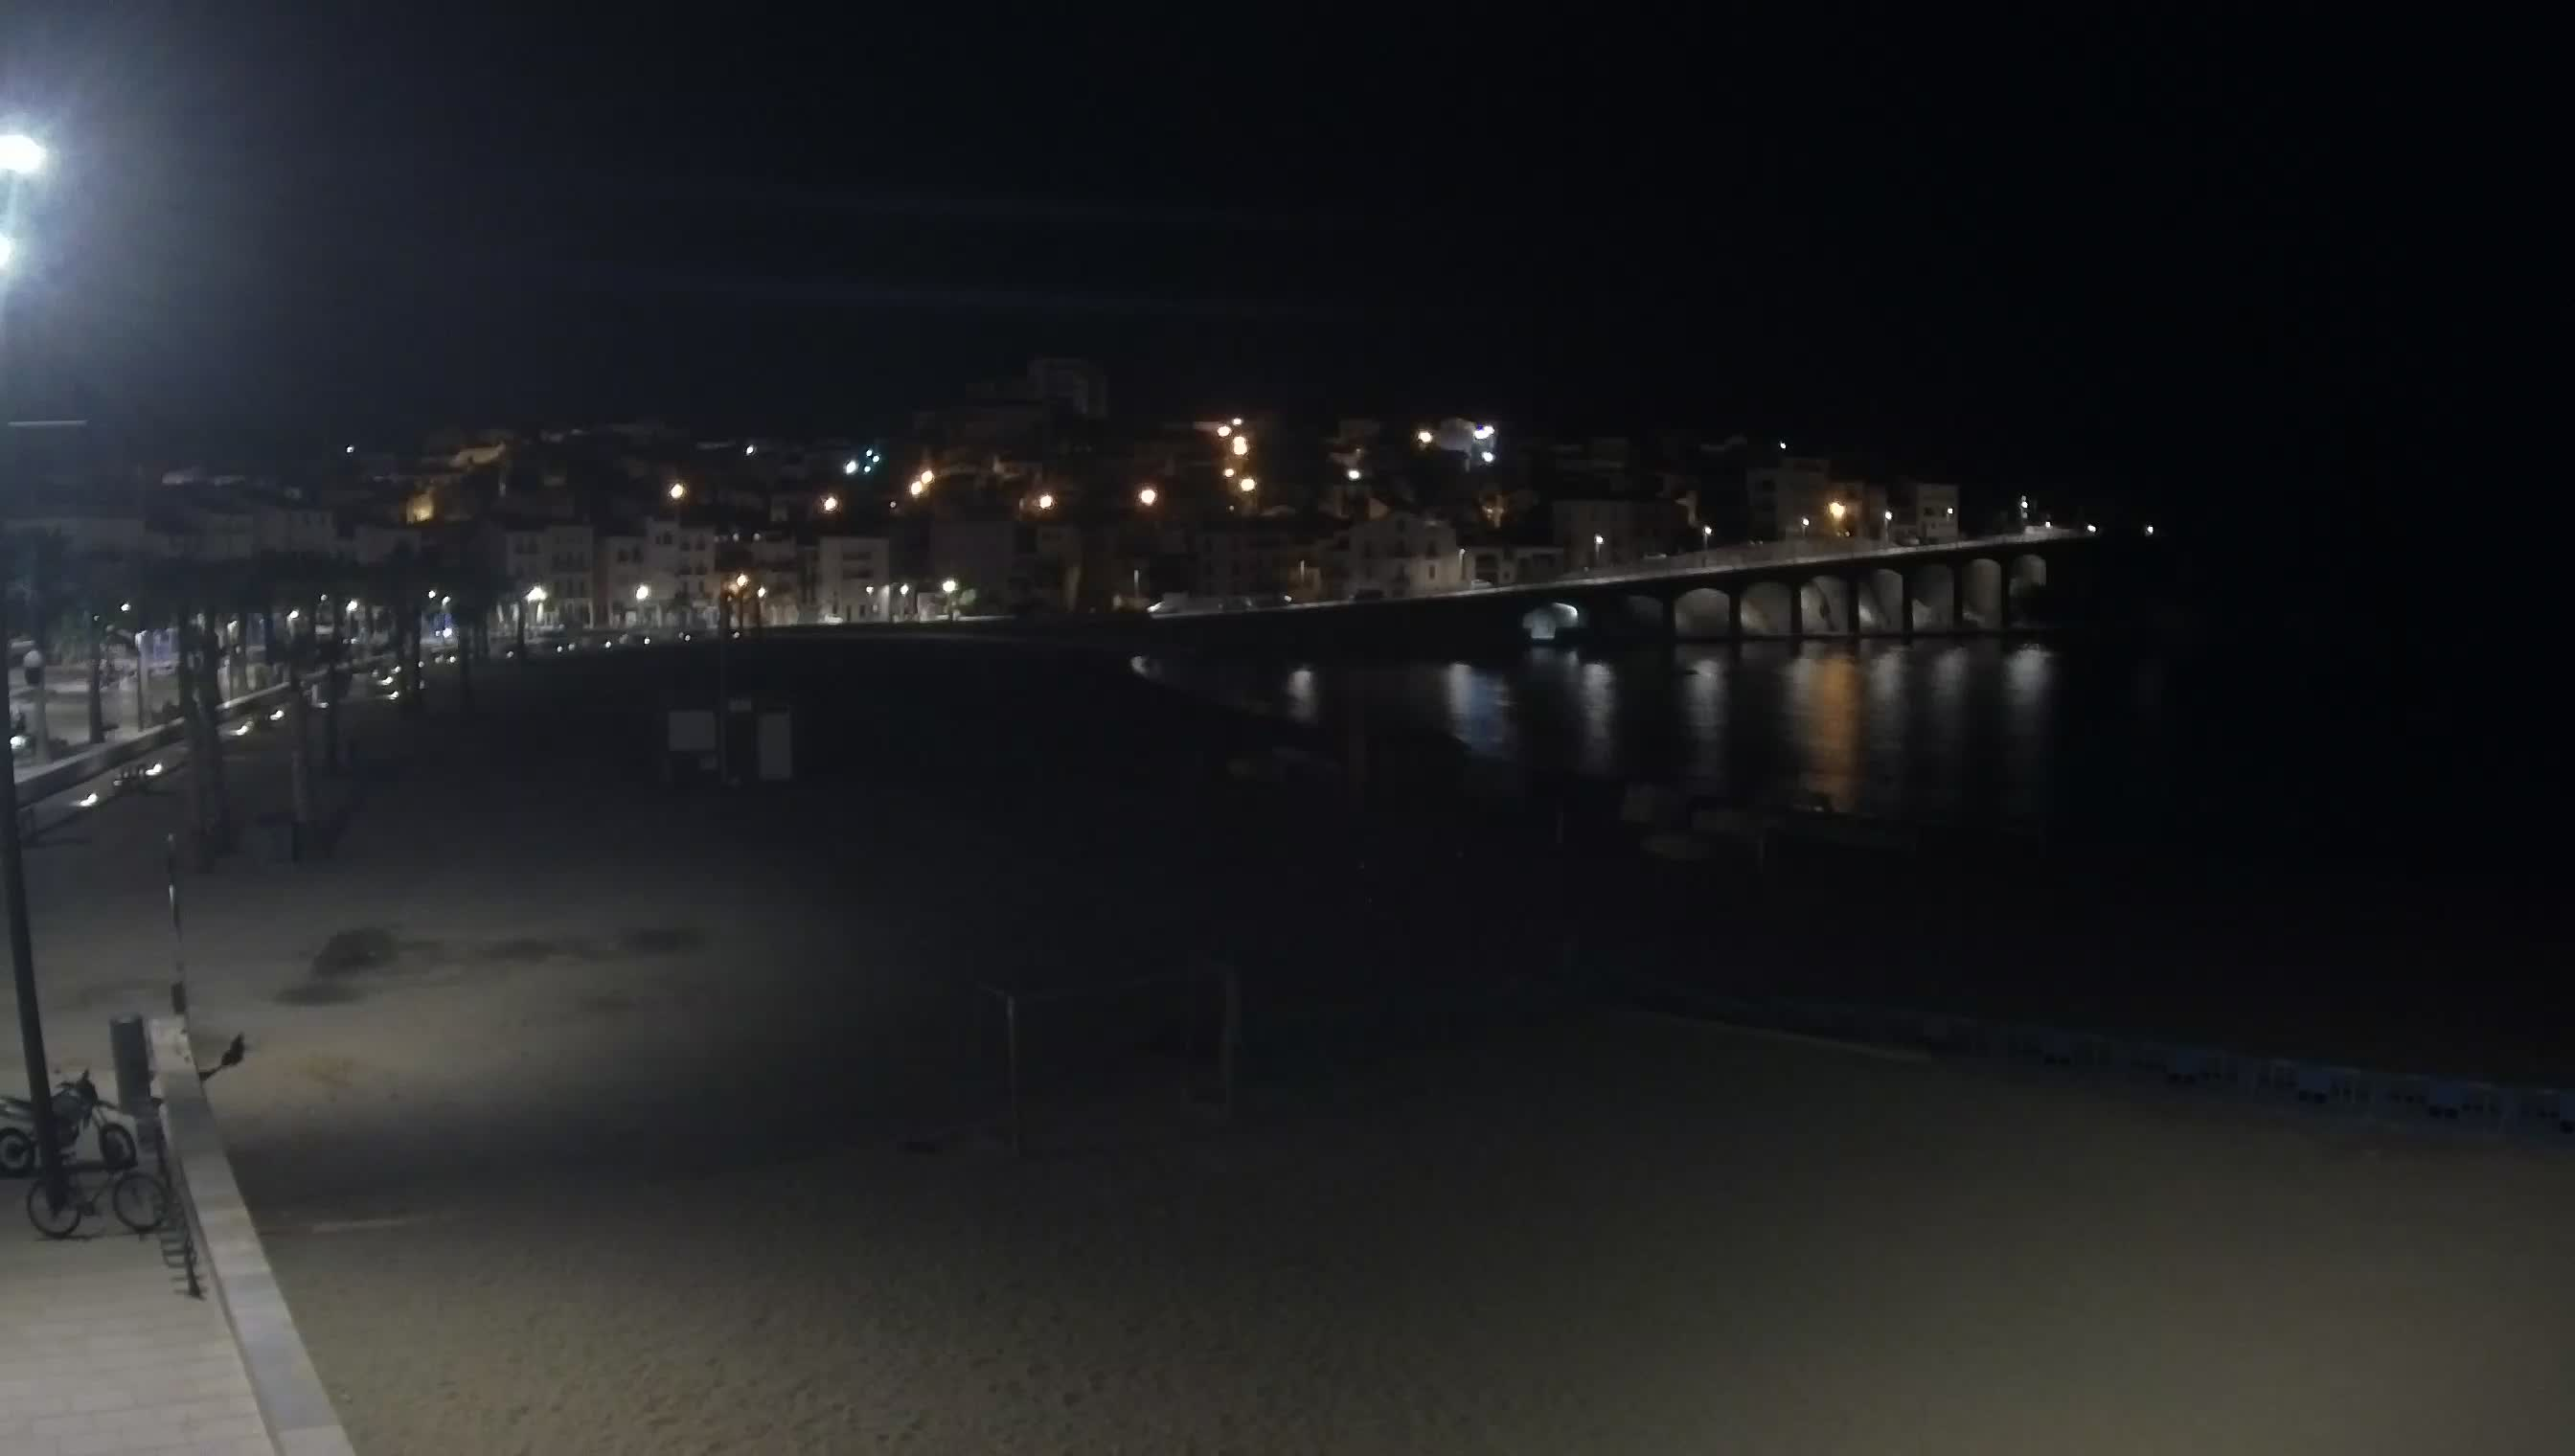 Banyuls-sur-Mer Sat. 04:22